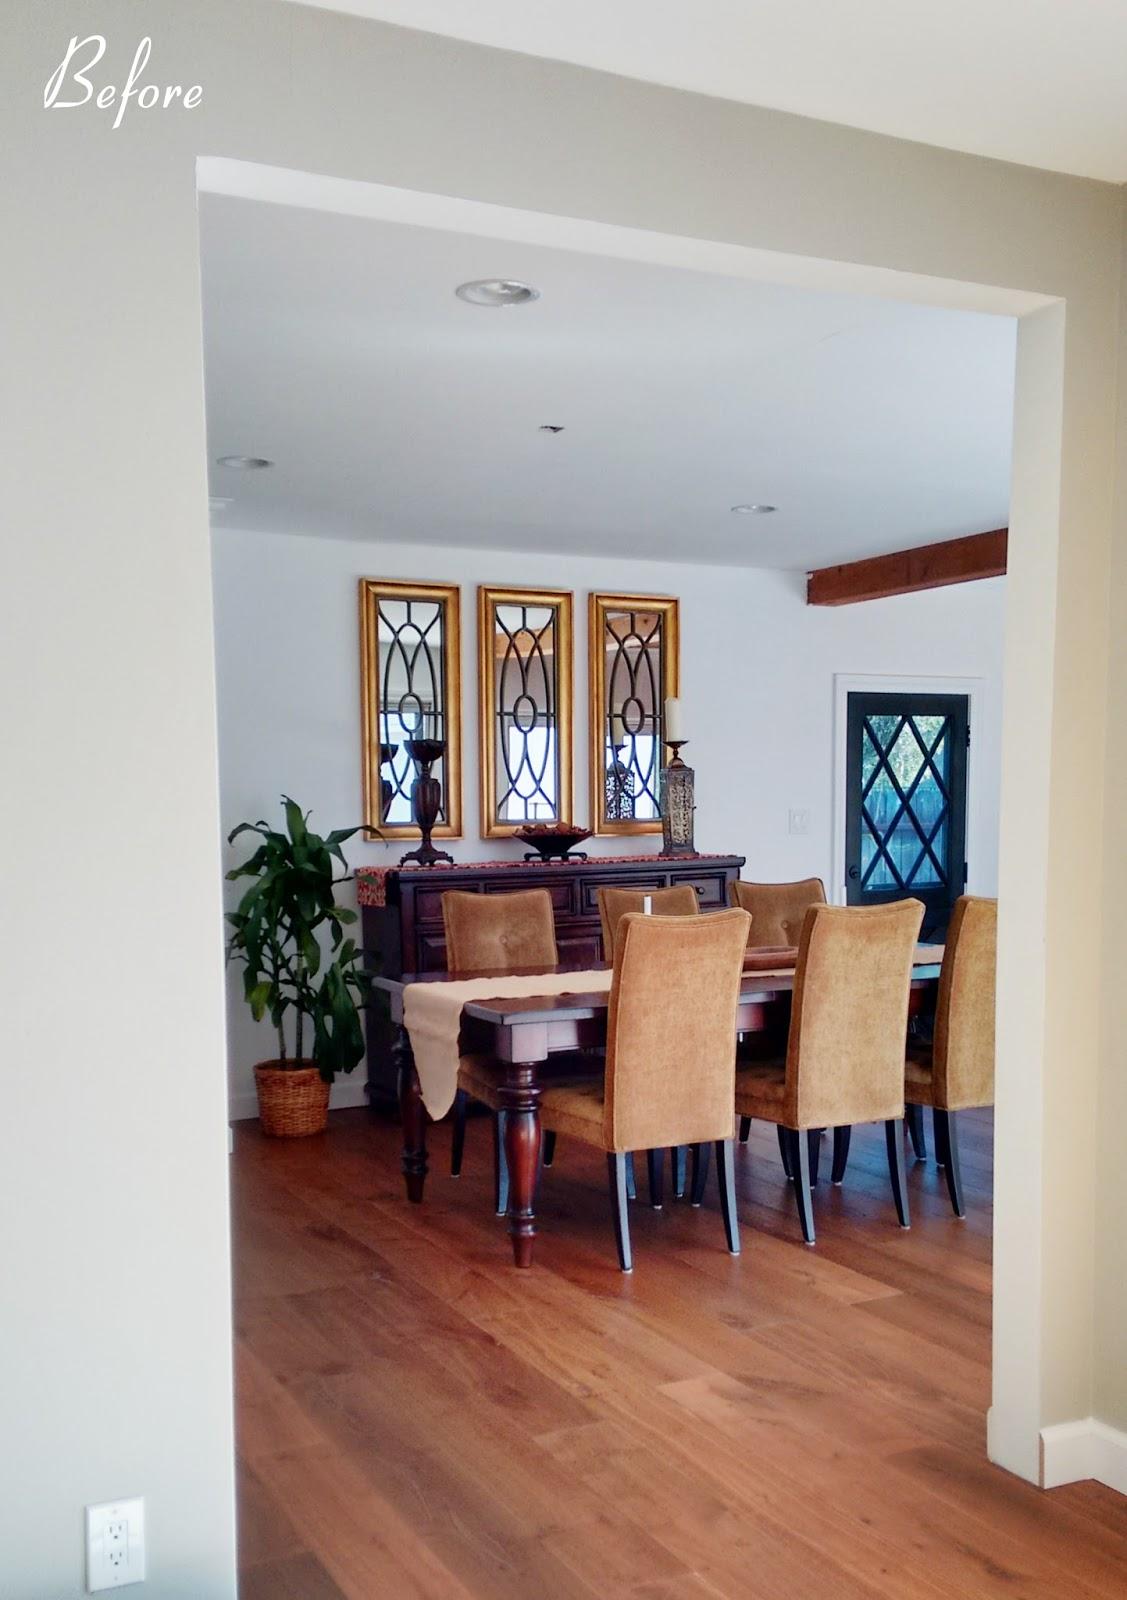 CAD INTERIORS diy home improvement